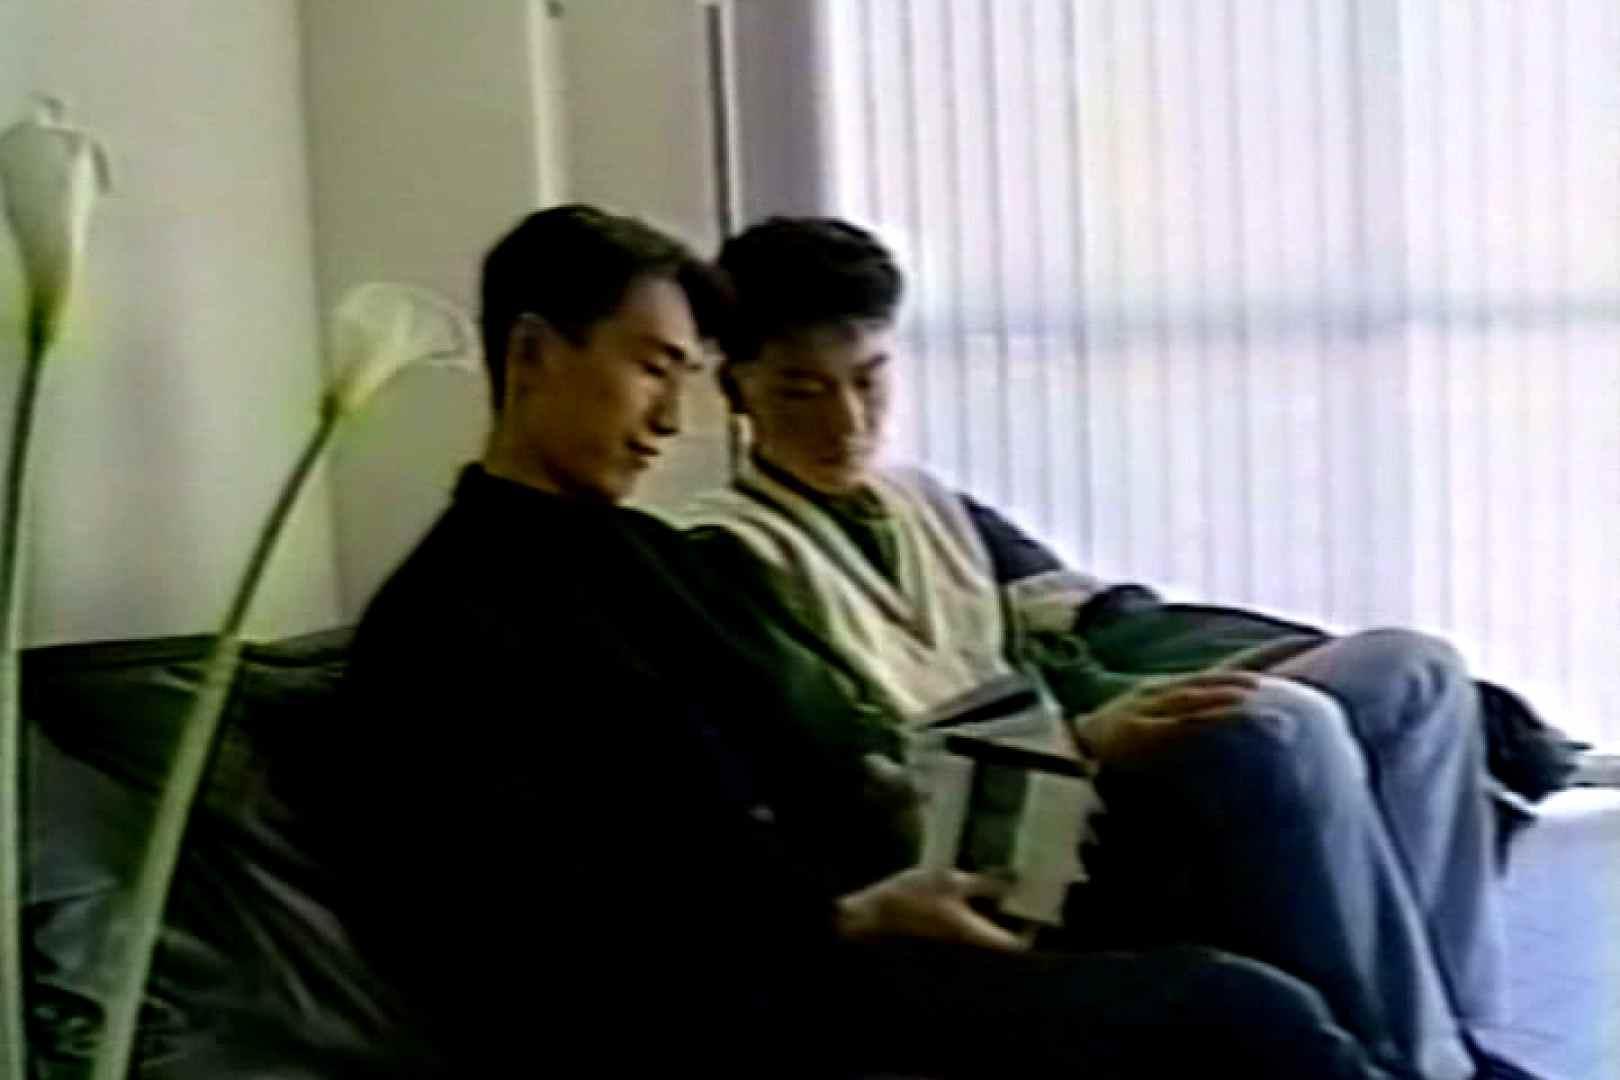 往年の名作 あの頃は若かった!Vol.02 ディープキス ゲイ無料エロ画像 105pic 28